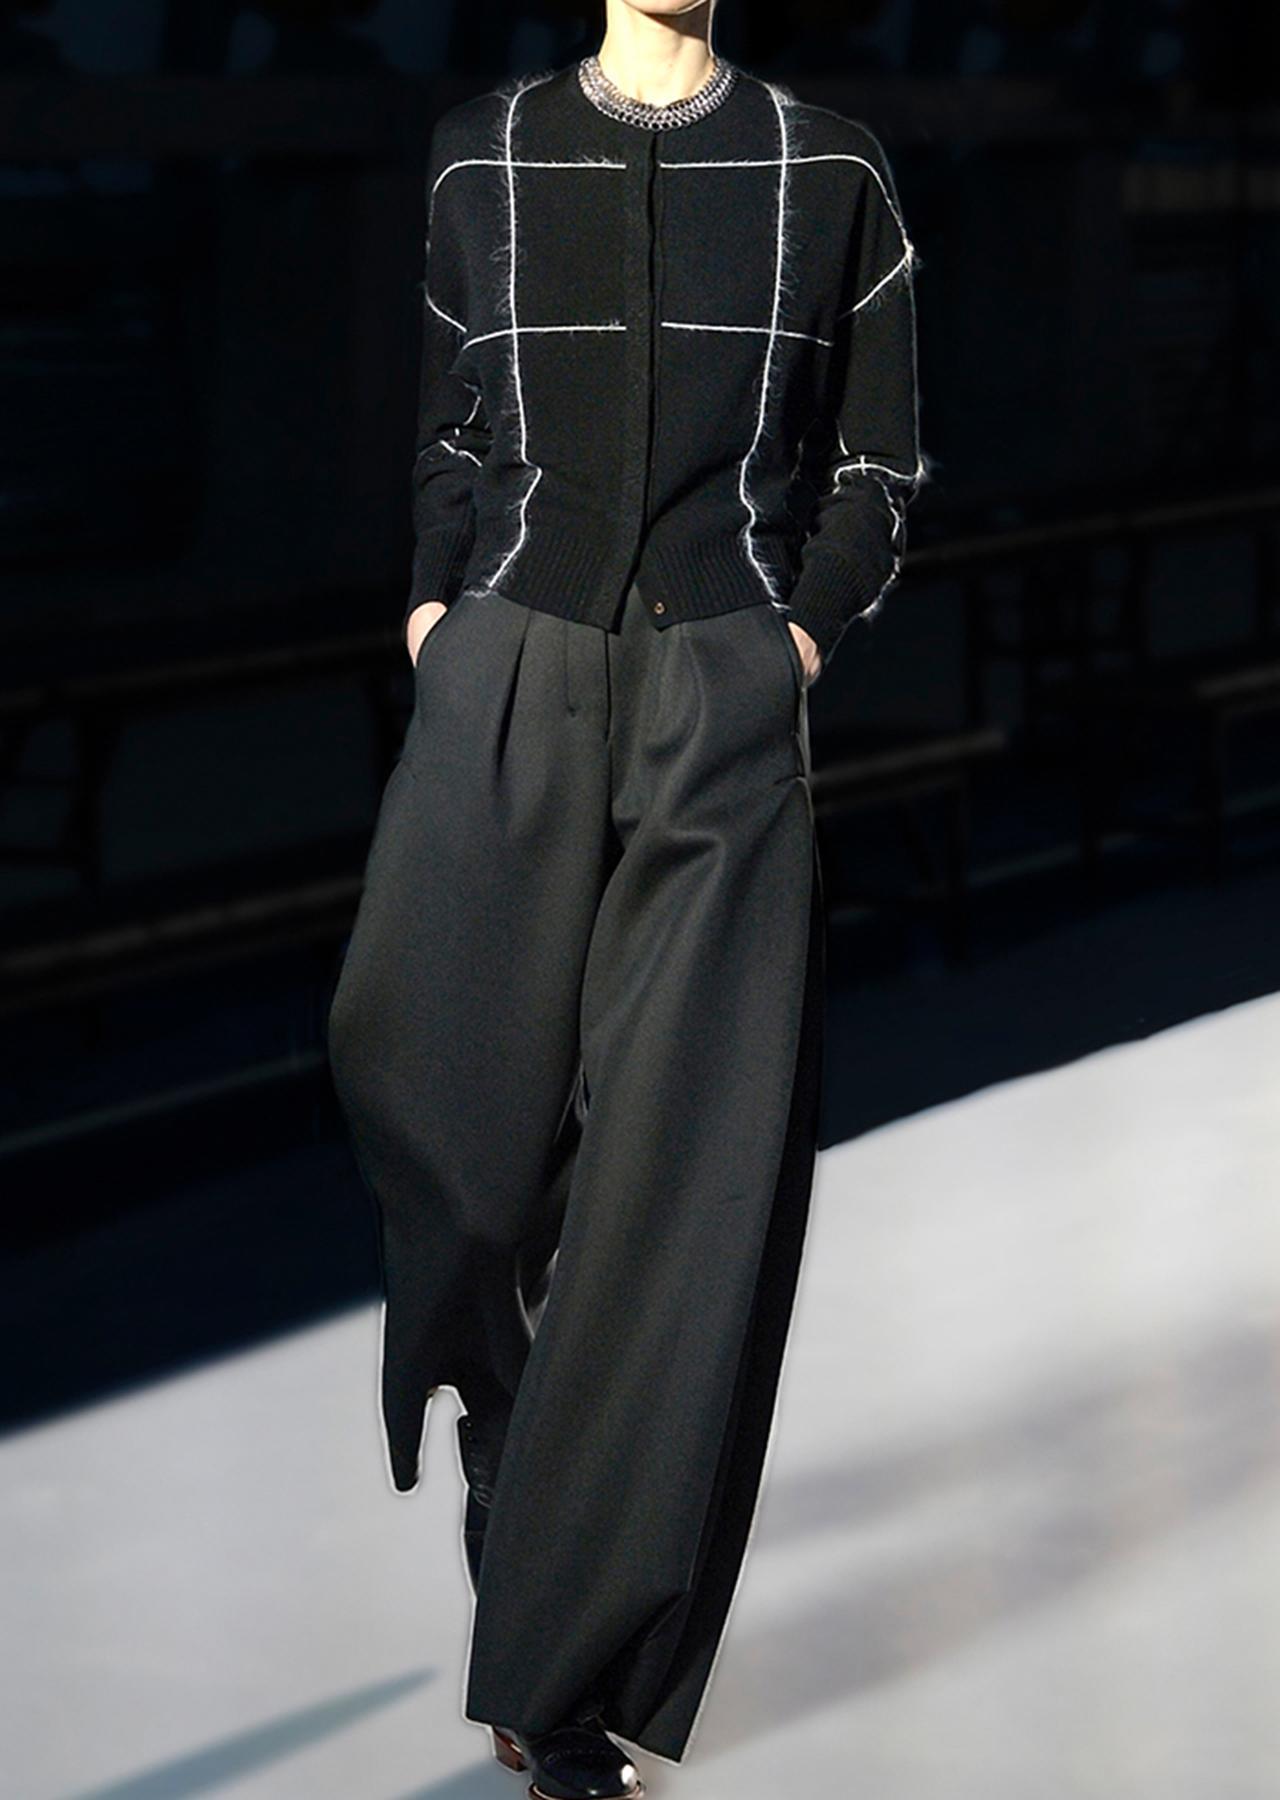 Images : 4番目の画像 - 「いい服に、ありがとう。 「サポートサーフェス」の服が 着心地よく美しい理由」のアルバム - T JAPAN:The New York Times Style Magazine 公式サイト